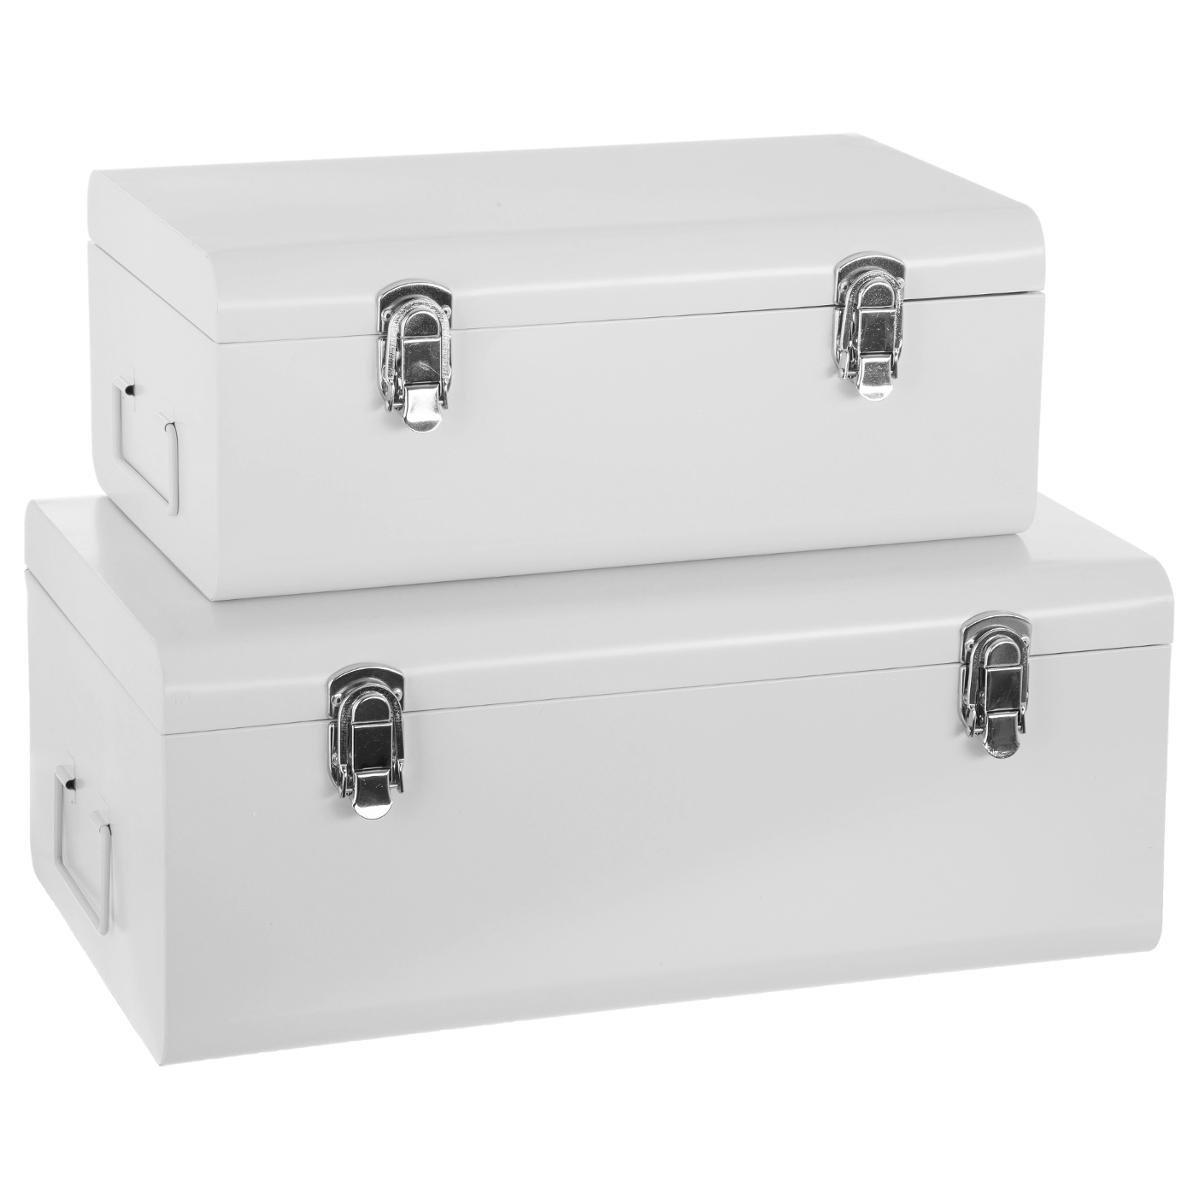 Atmosphera Conjunto de 2 Cofres de Equipaje de Almacenamiento de Metal - Espíritu Comedor - Color Blanco